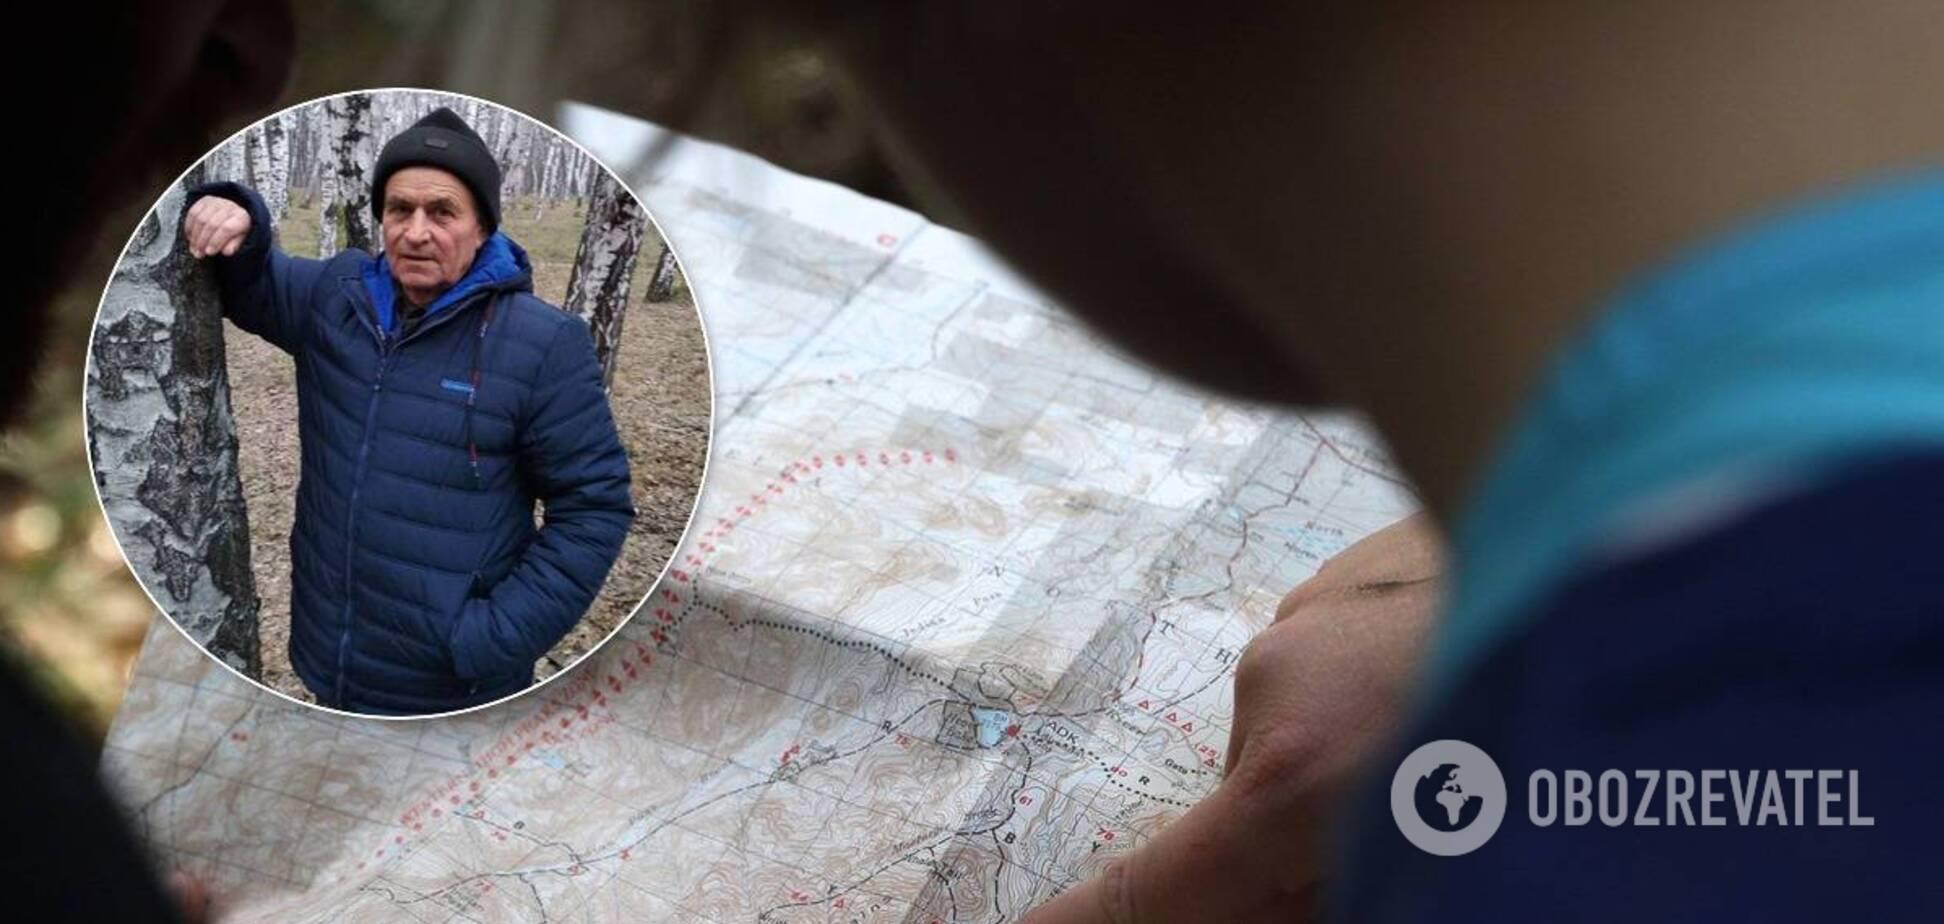 На Дніпропетровщині розшукують зниклого безвісти чоловіка. Фото і прикмети